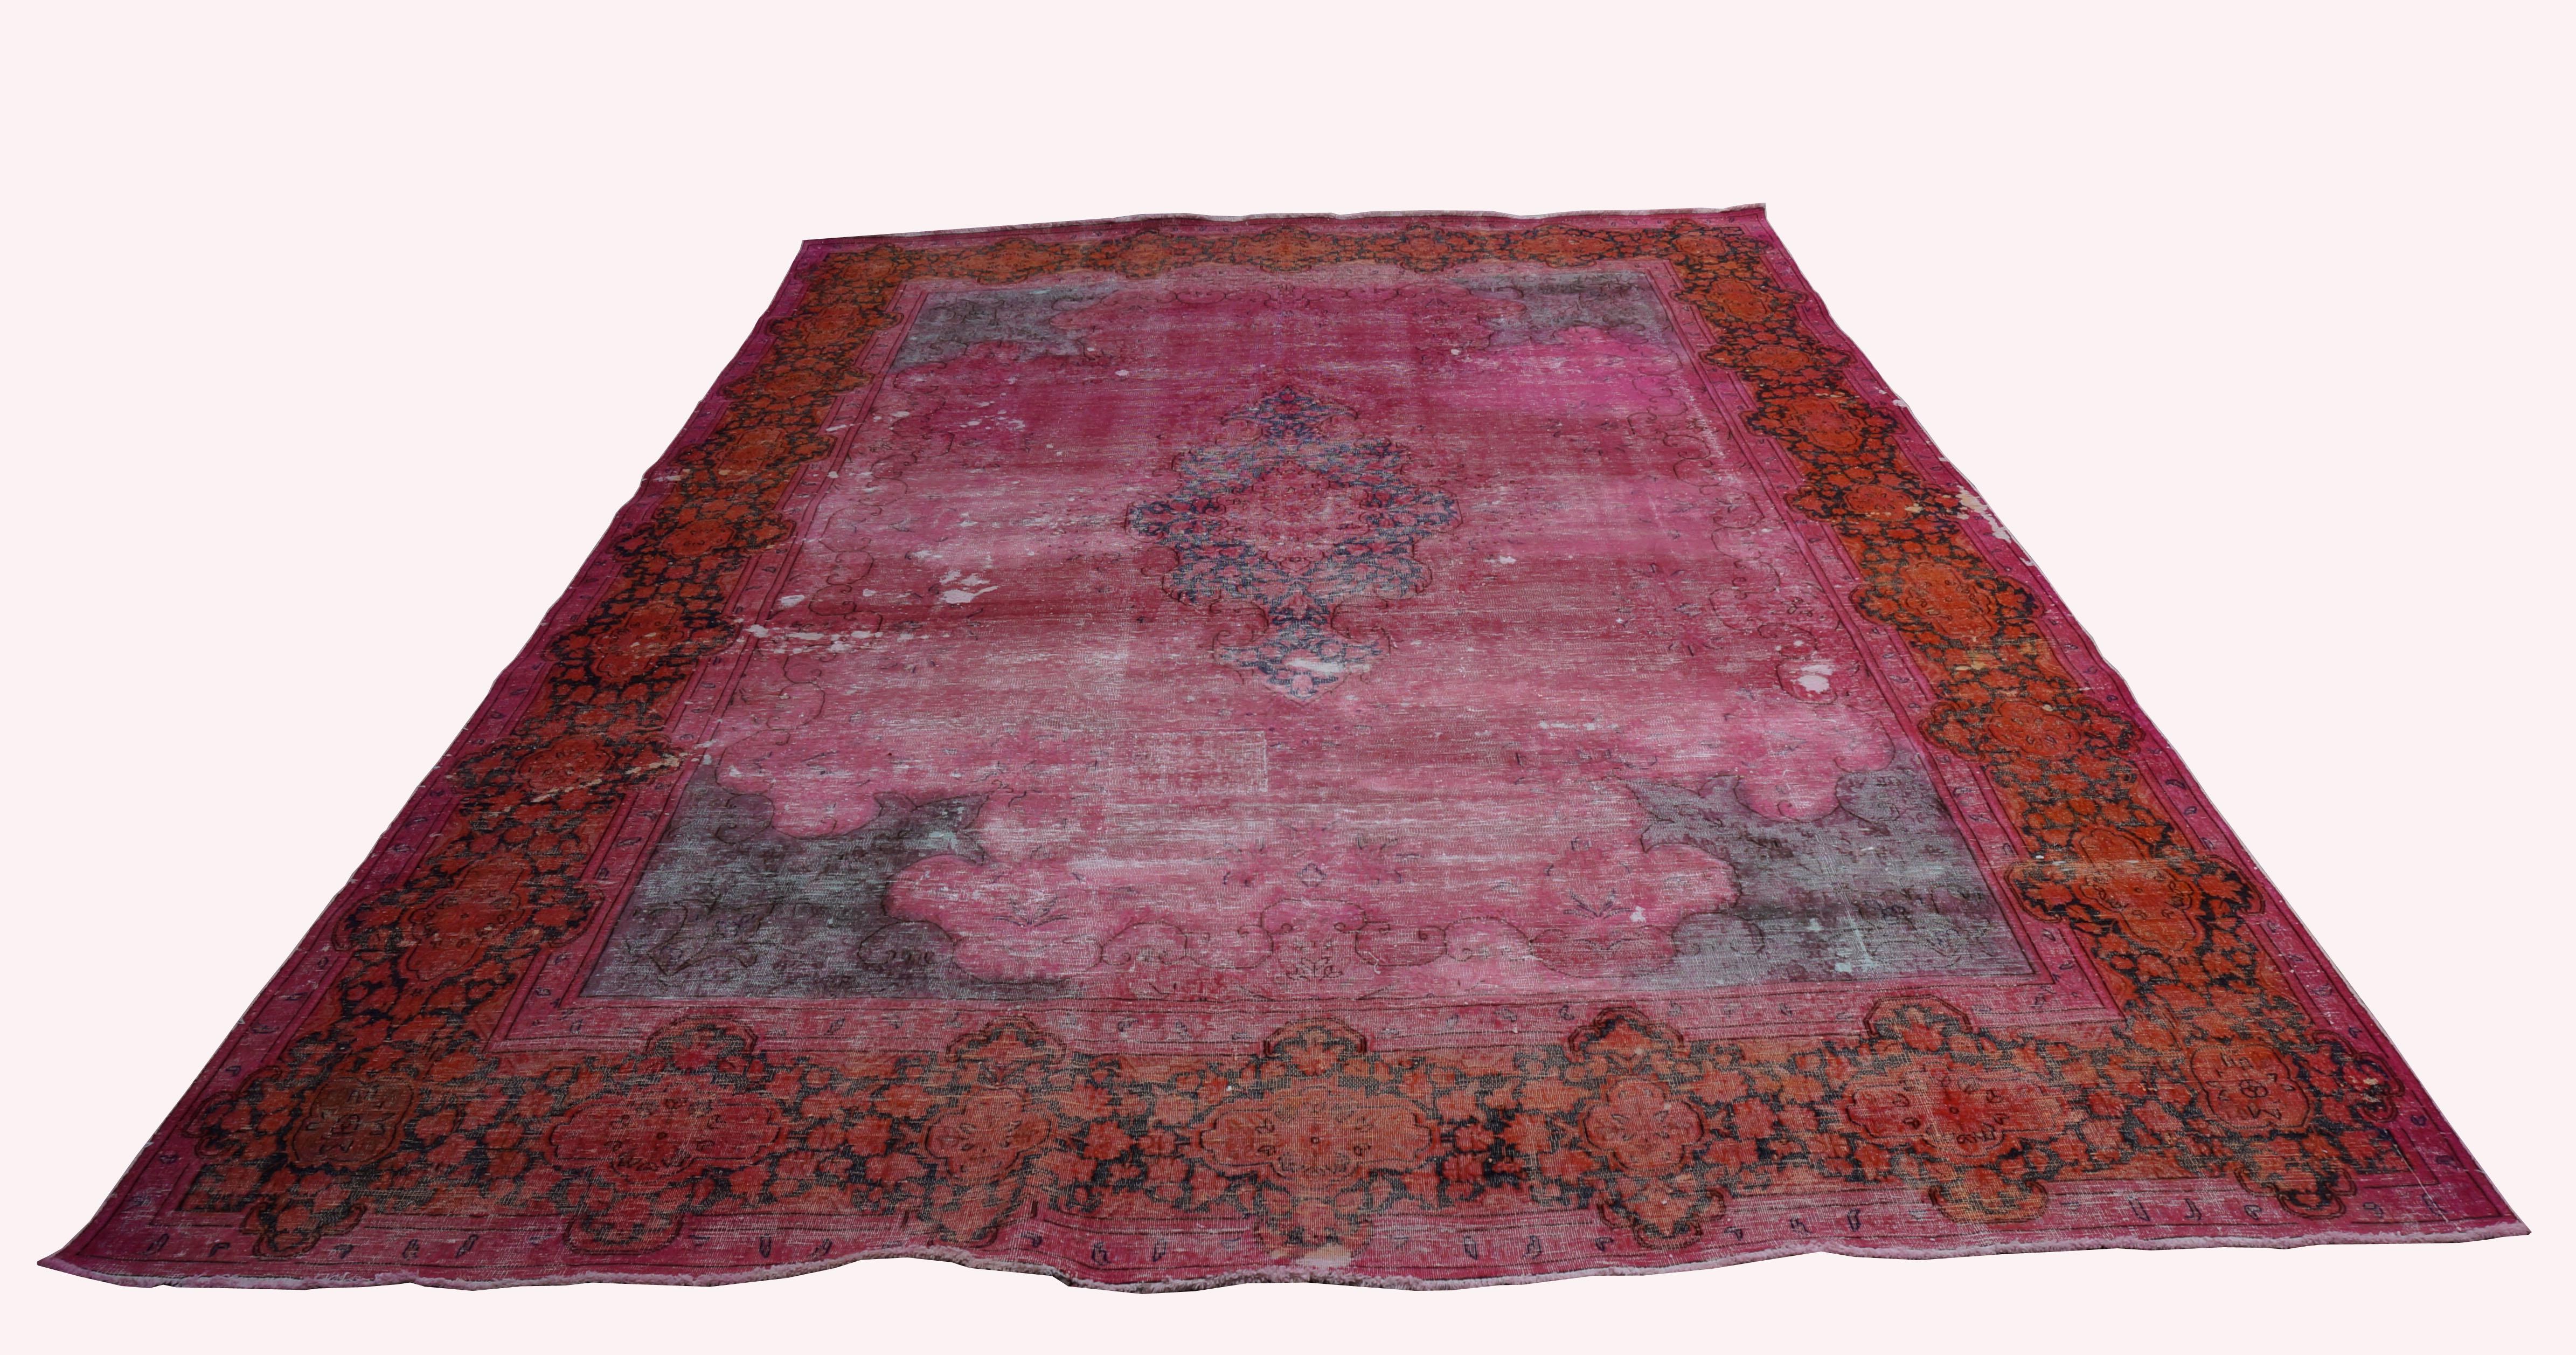 Recoloured vloerkleed nr 1650   (419cm x 300cm) tapijt wat een nieuwe hippe trendy kleur heeft gekregen.